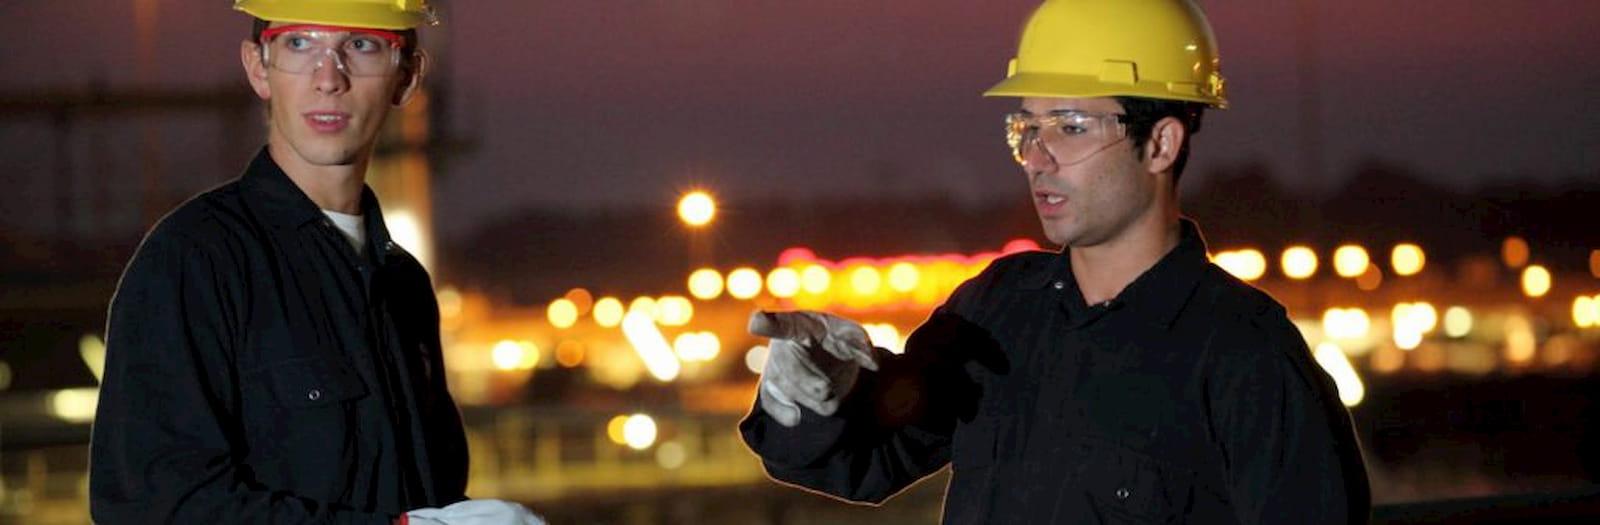 due lavoratori minorenni indossano i dpi mentre lavorano